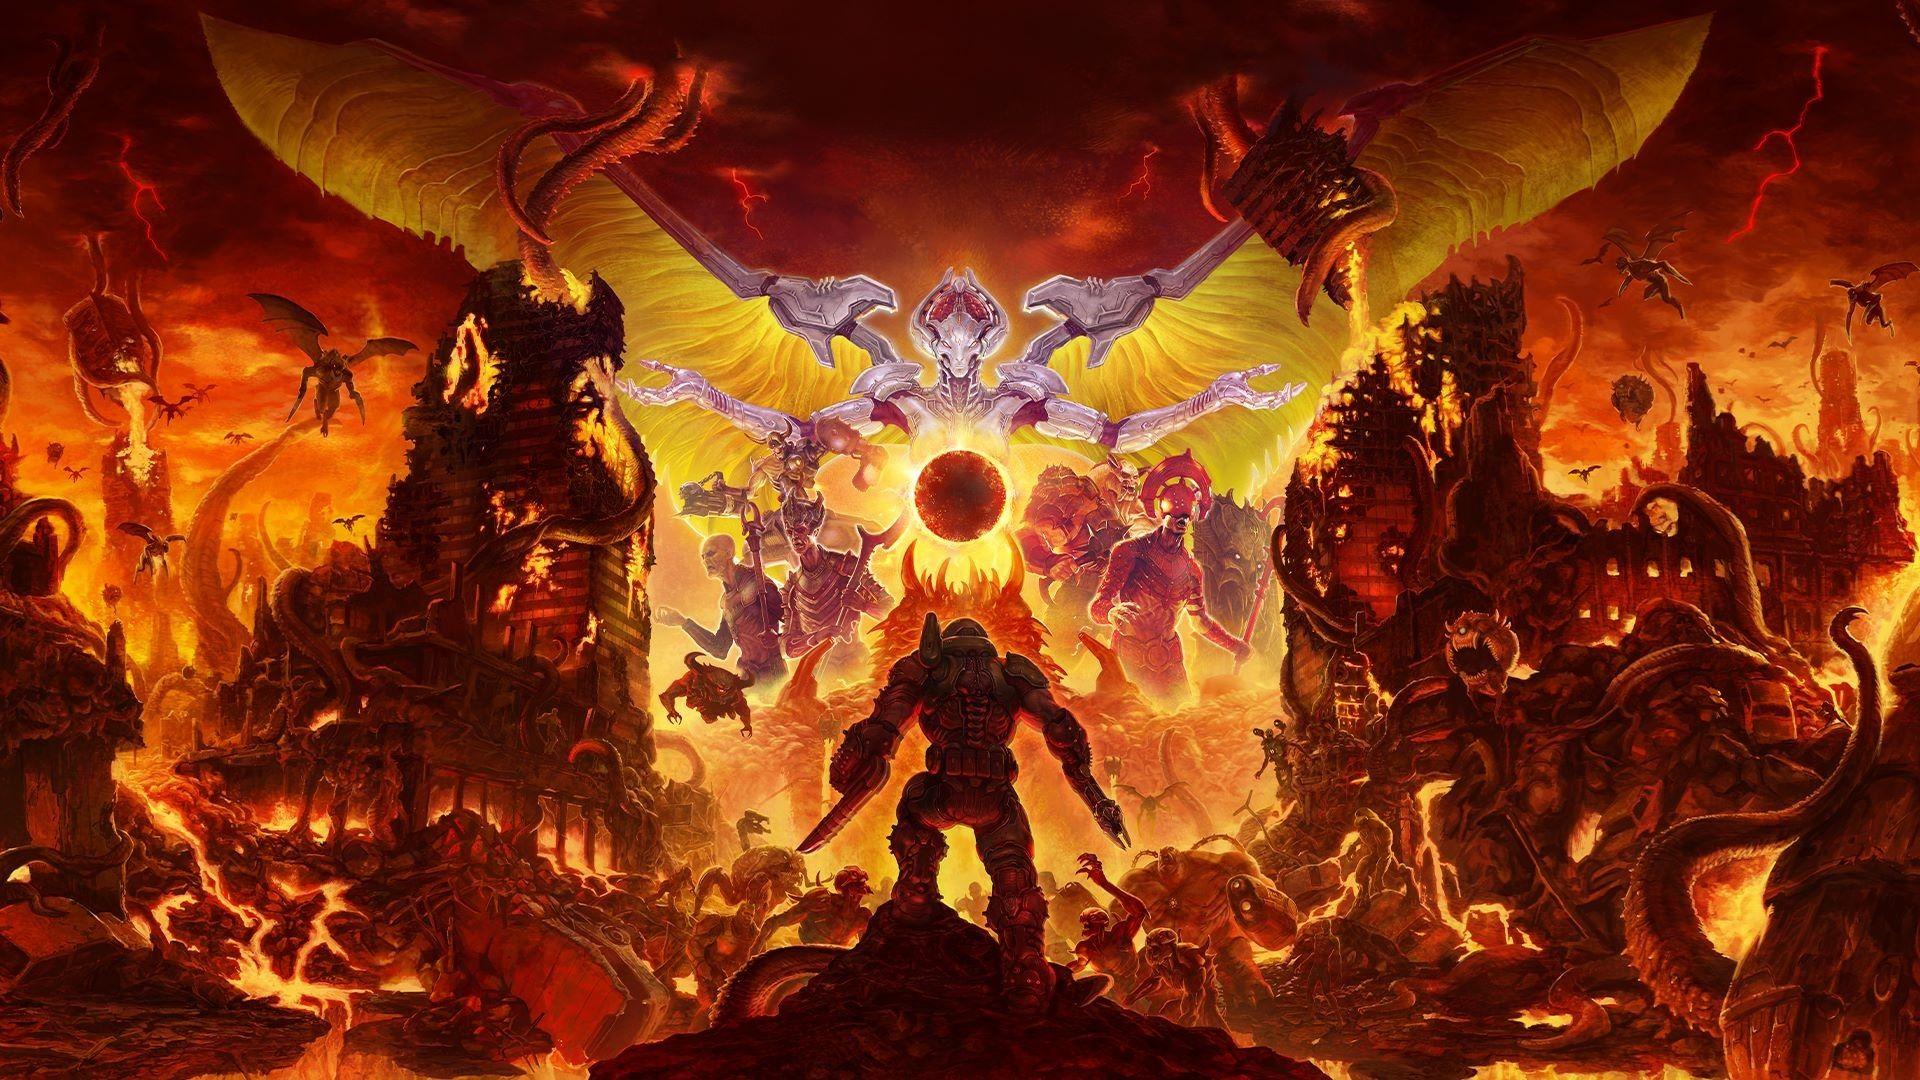 Doom Eternal Doom Doom2019 Doometernal Fps Doom Game Doom Demons Slayer Hd wallpaper heavy metal machines game